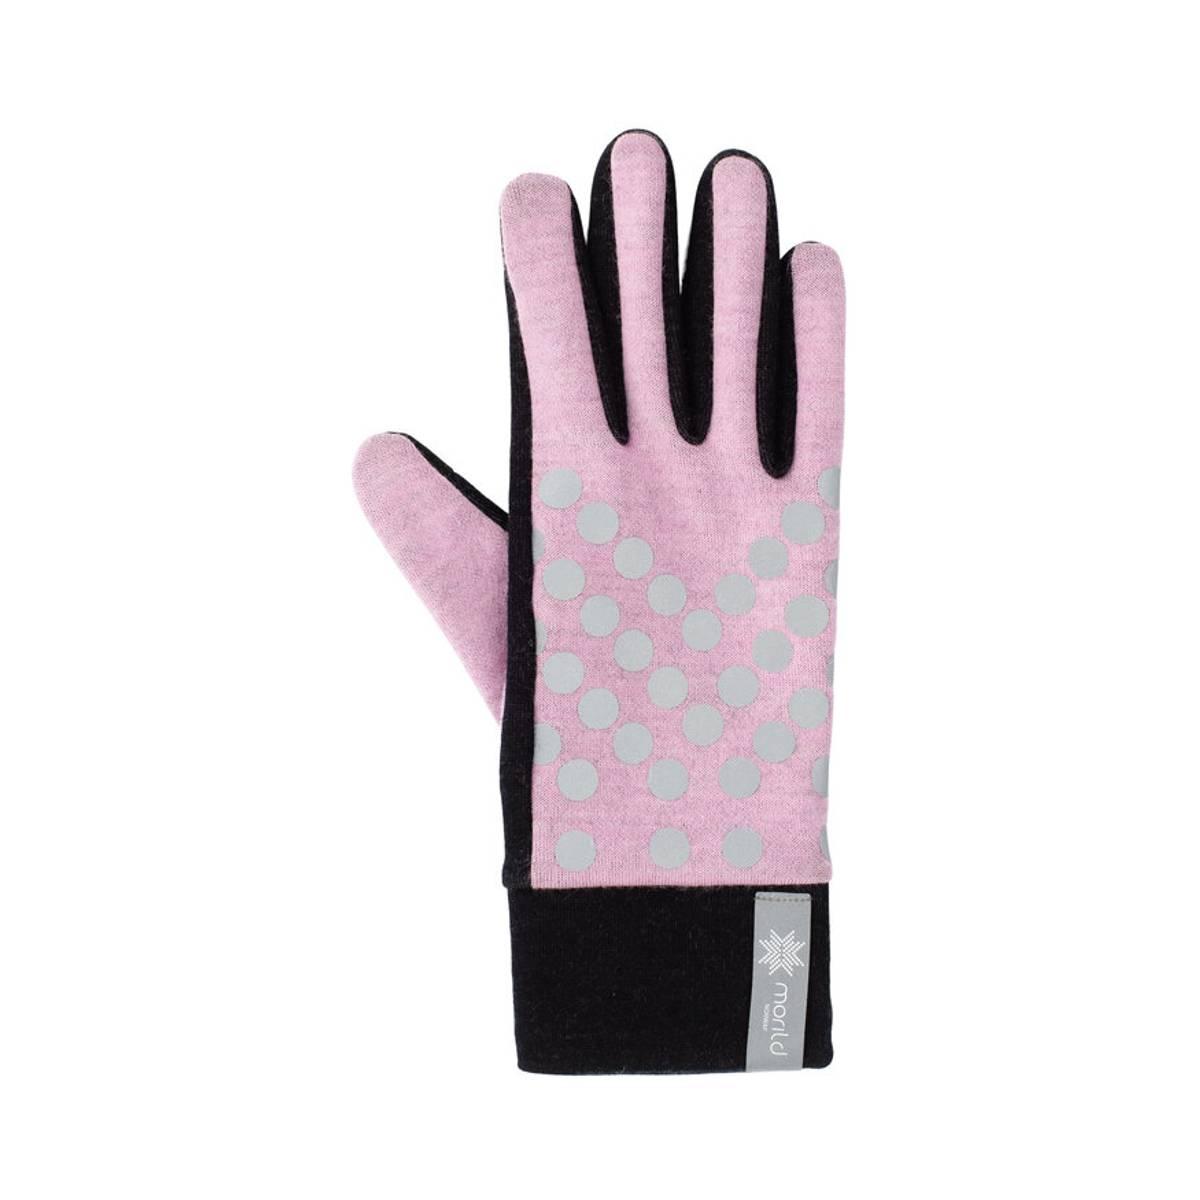 Morild Sølvfaks hansker med refleks, lys rosa